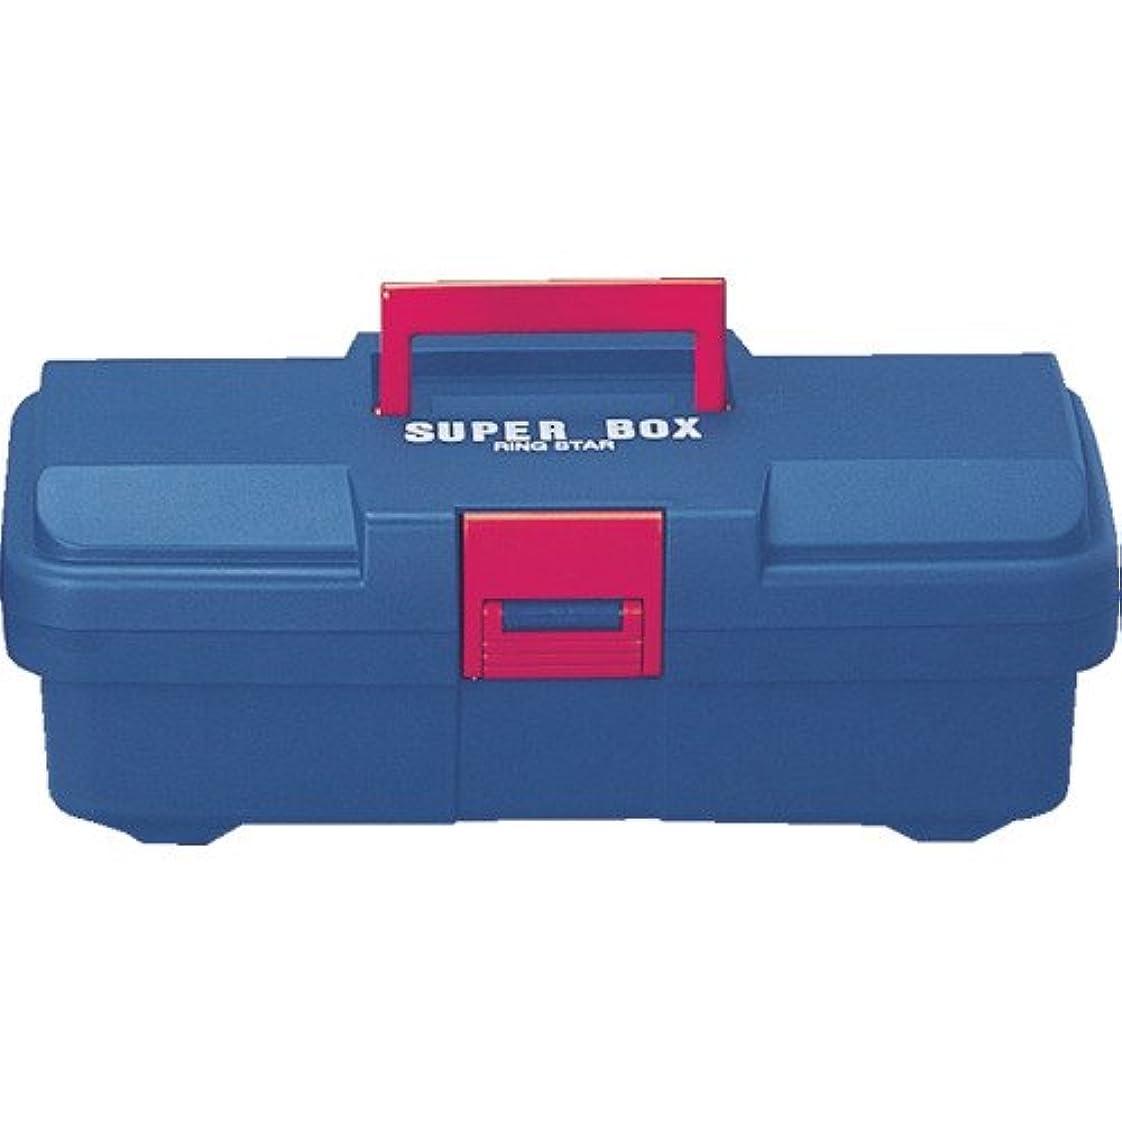 以来郊外ラックリングスター(RING STAR) スーパーボックス ブルー SR-385